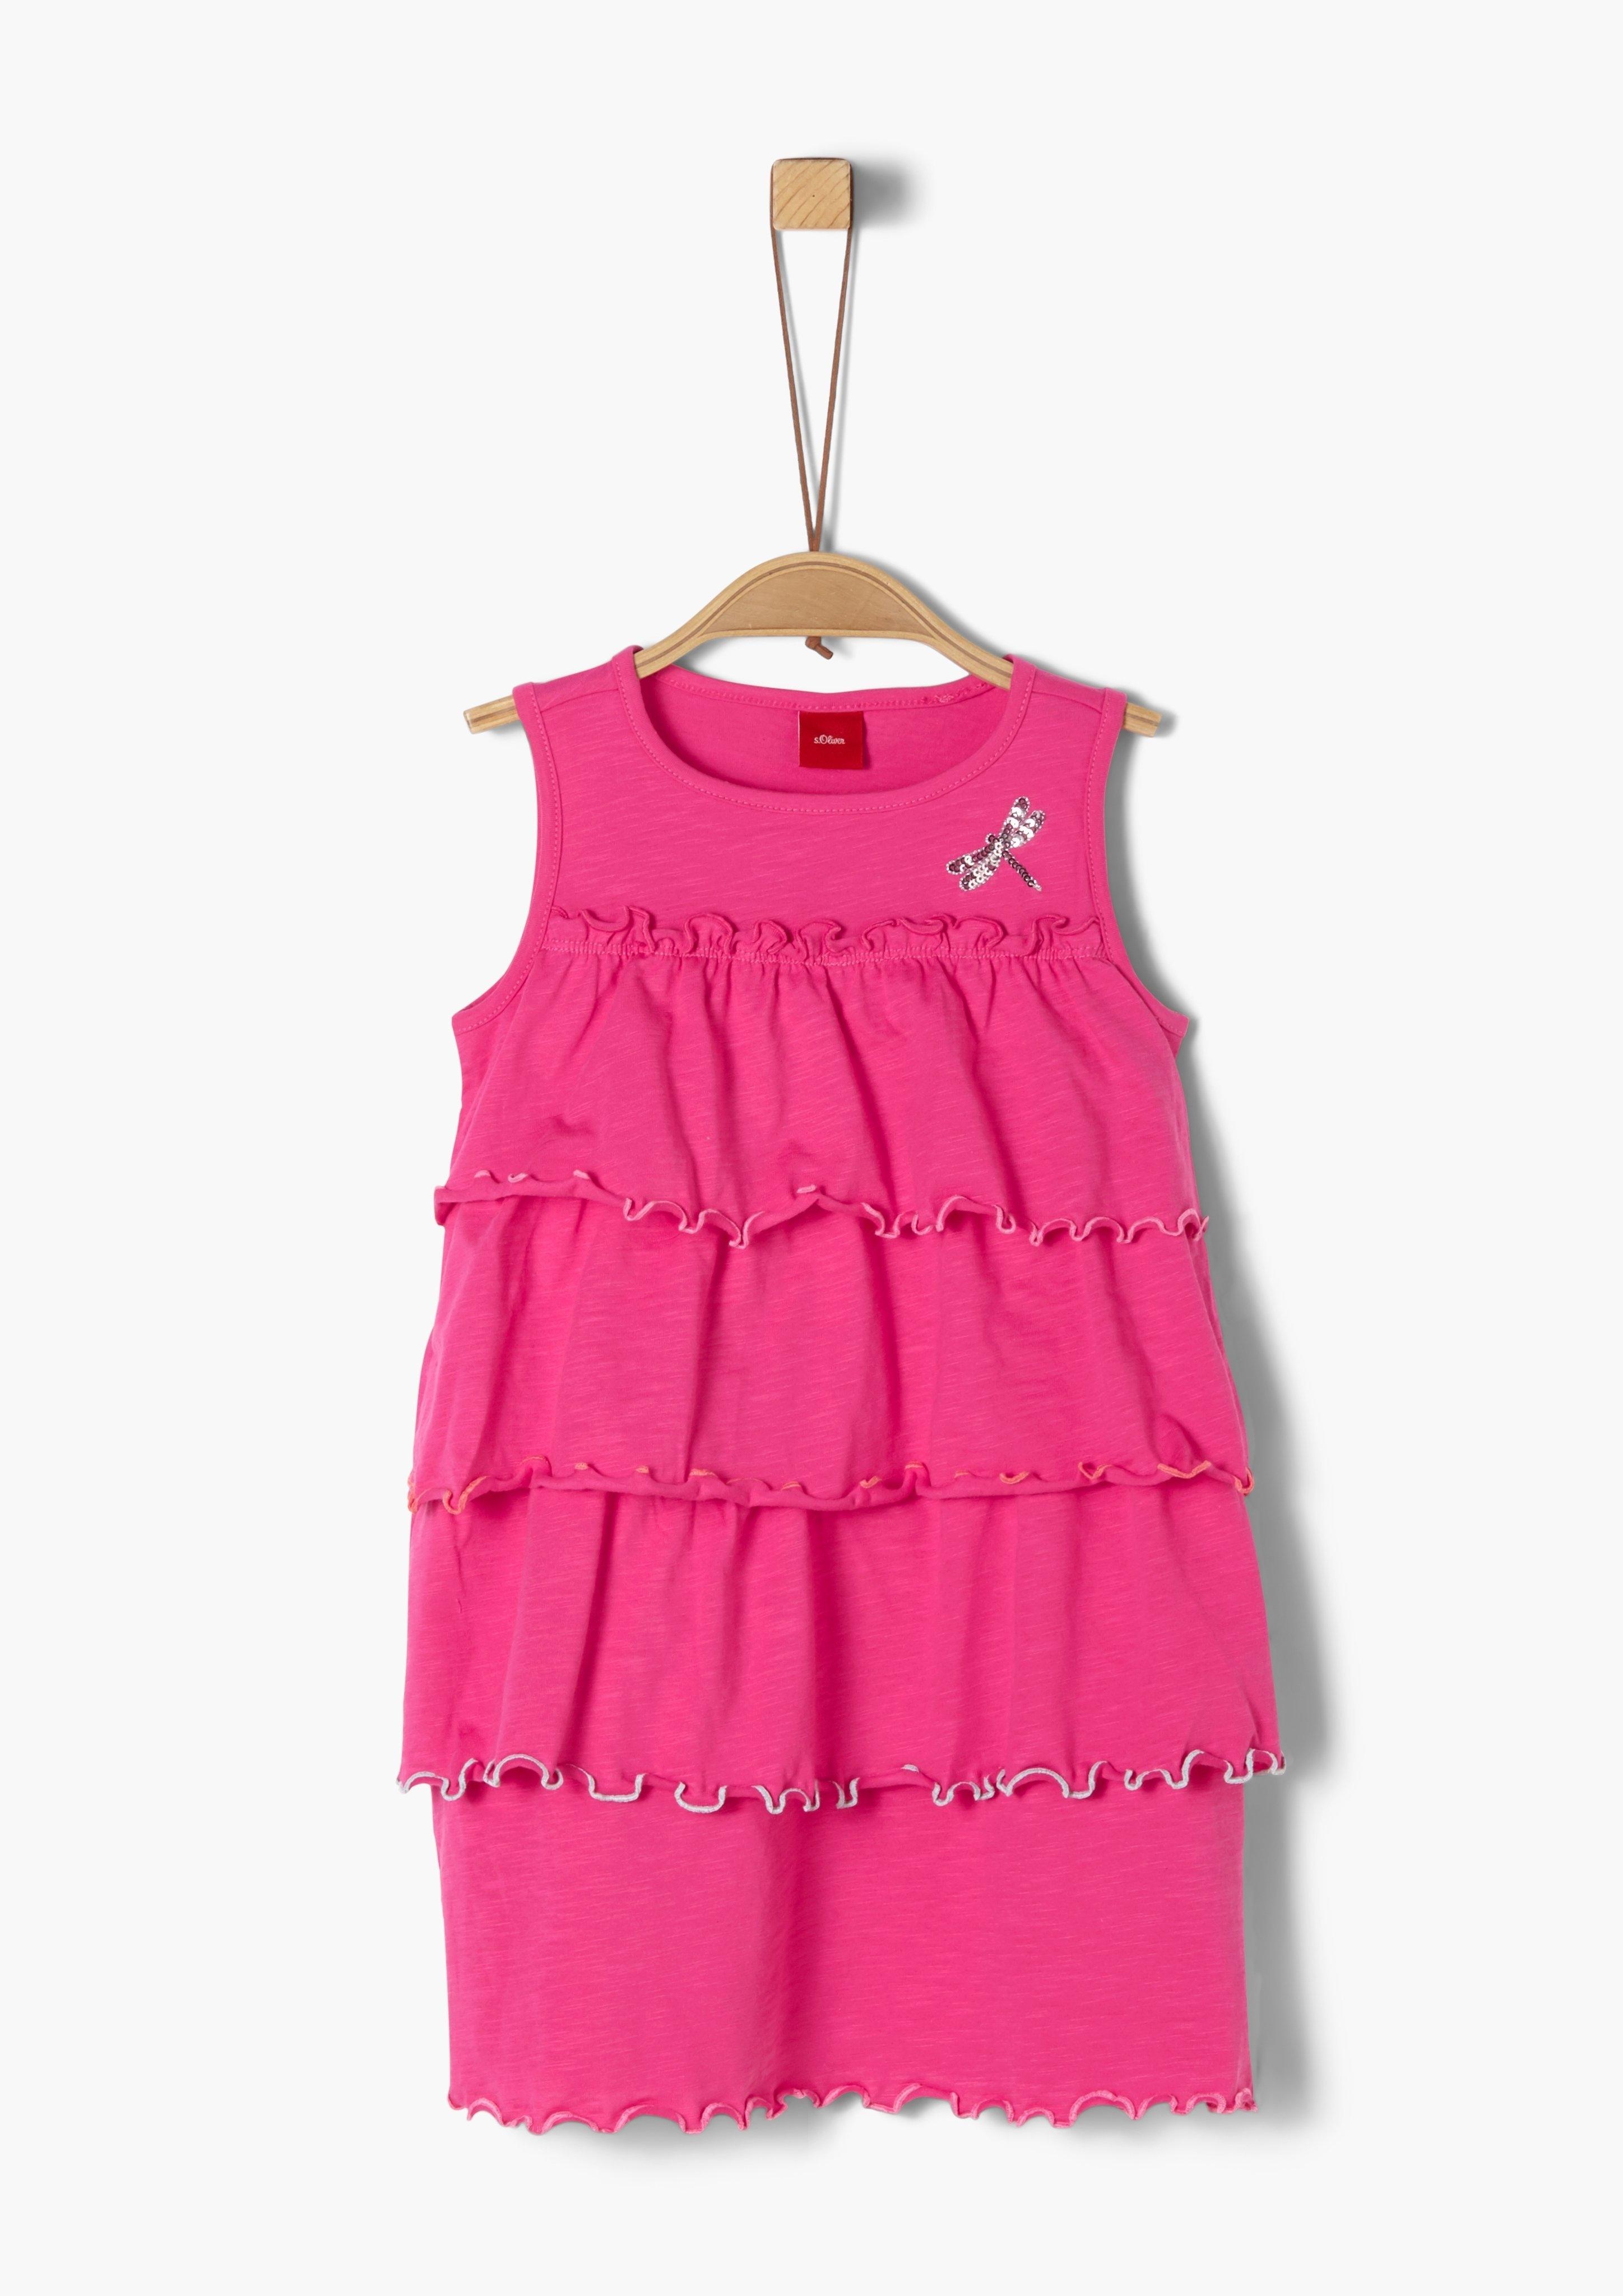 s.Oliver RED LABEL s.Oliver Junior Cold-shoulder jurk met motief voor meisjes nu online bestellen